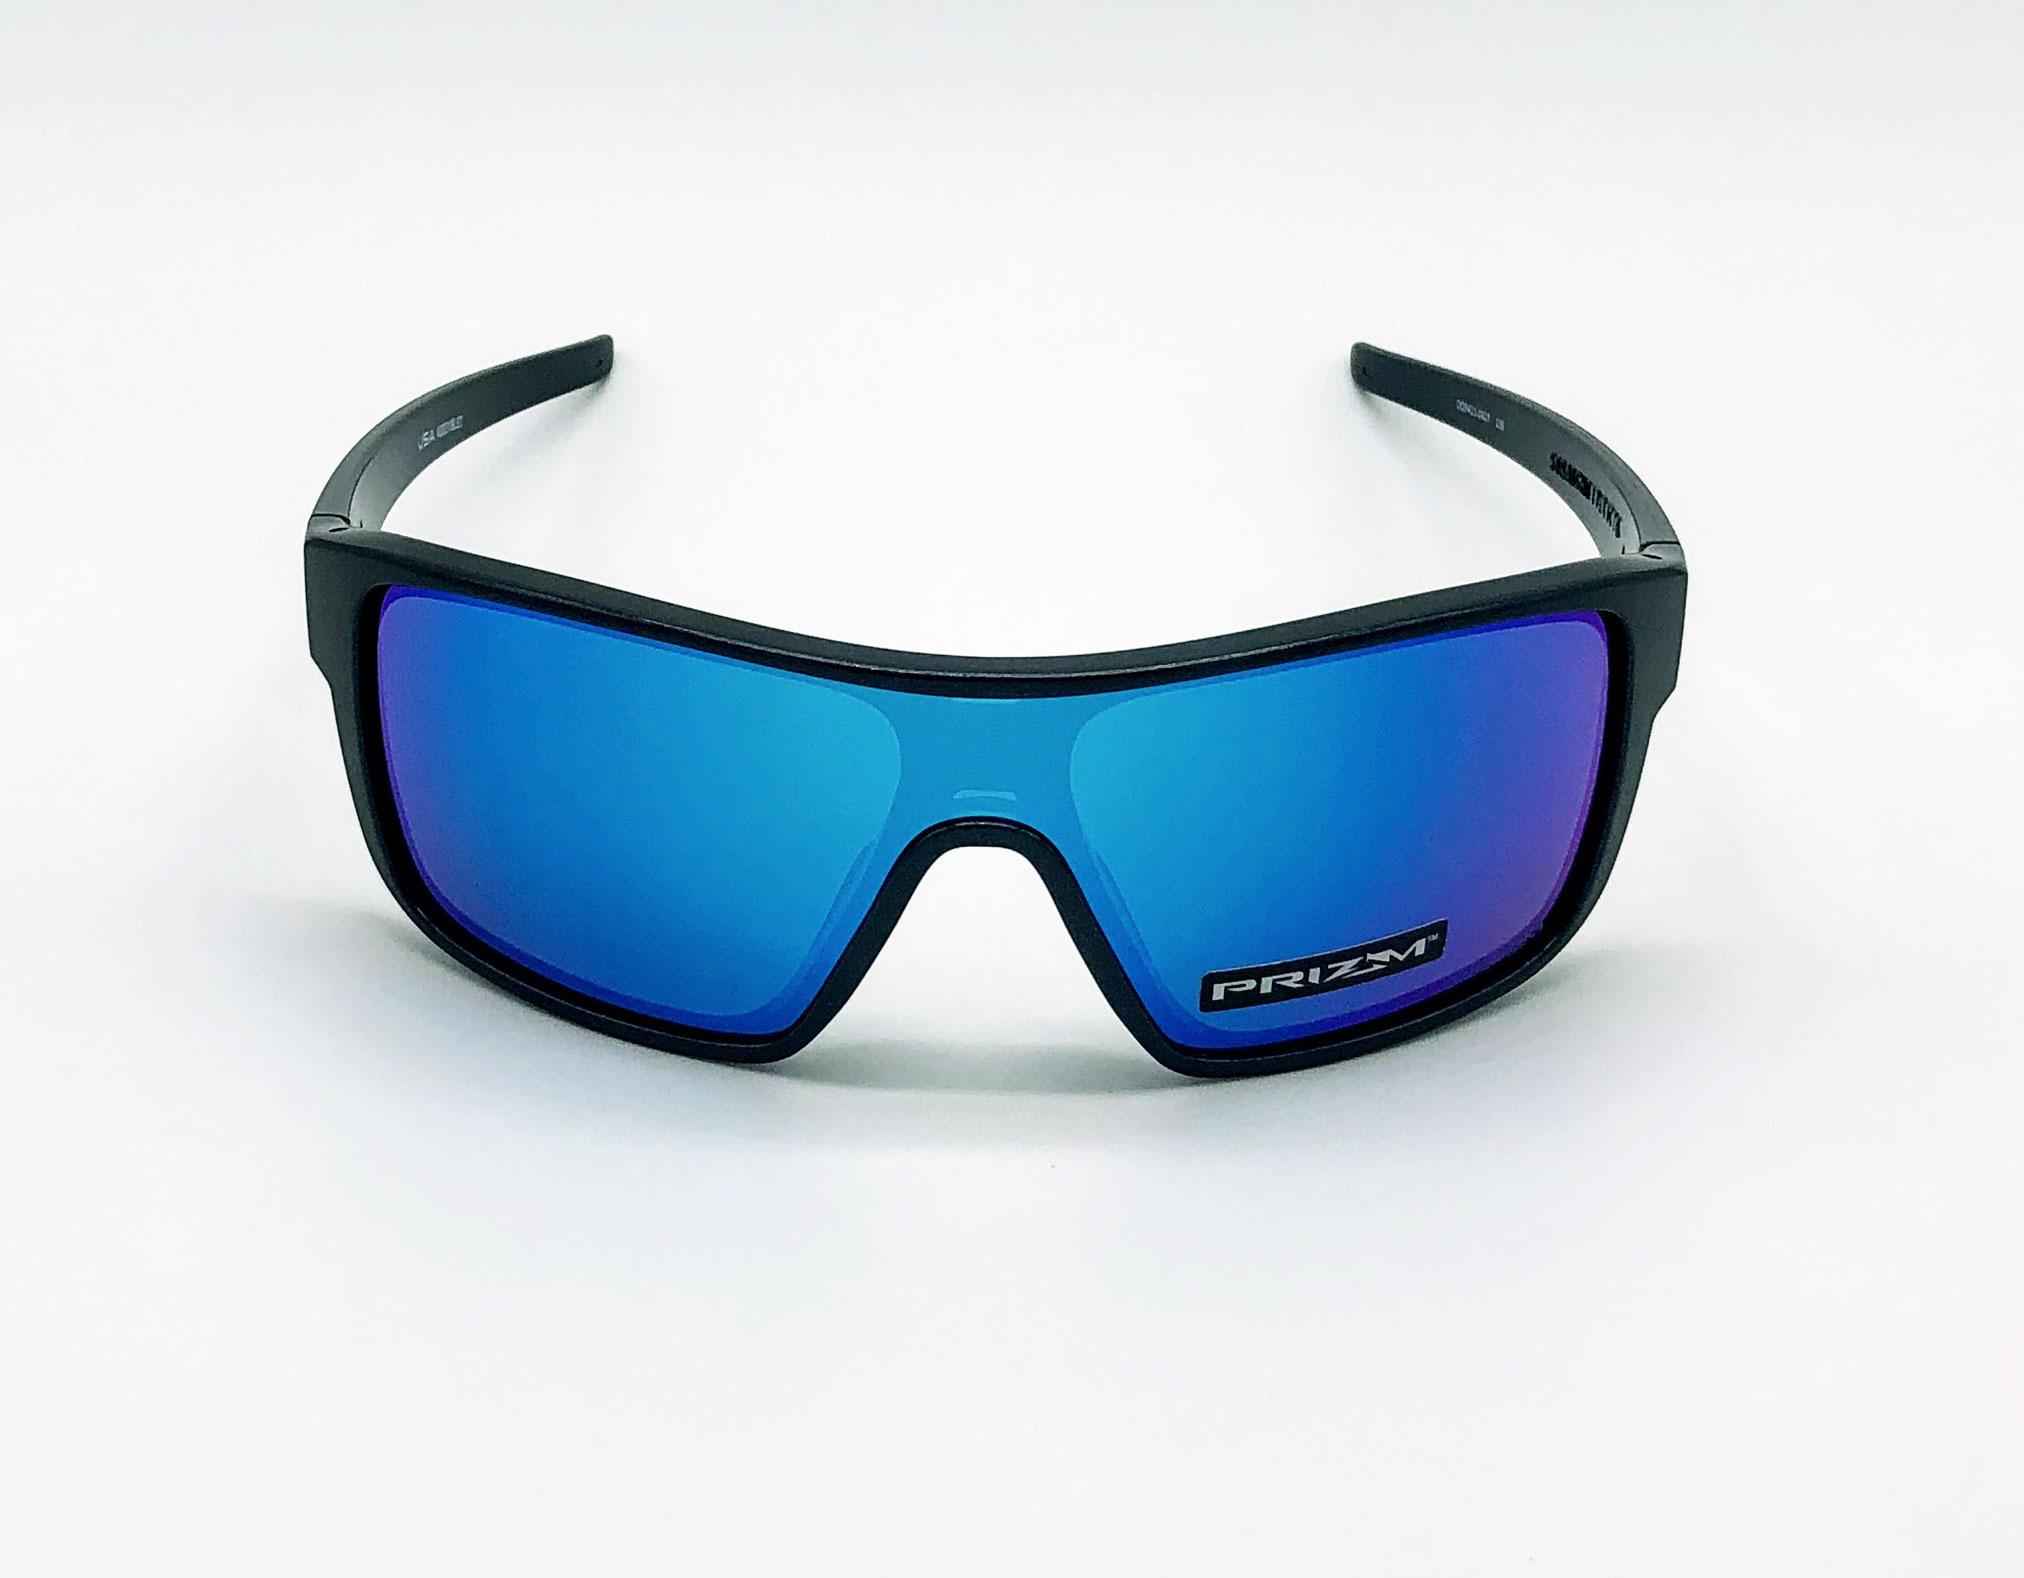 Ulleres de sol Oakley 2020 Scenic Blue 941104 Natural Optics Optica l'Esguard Amposta